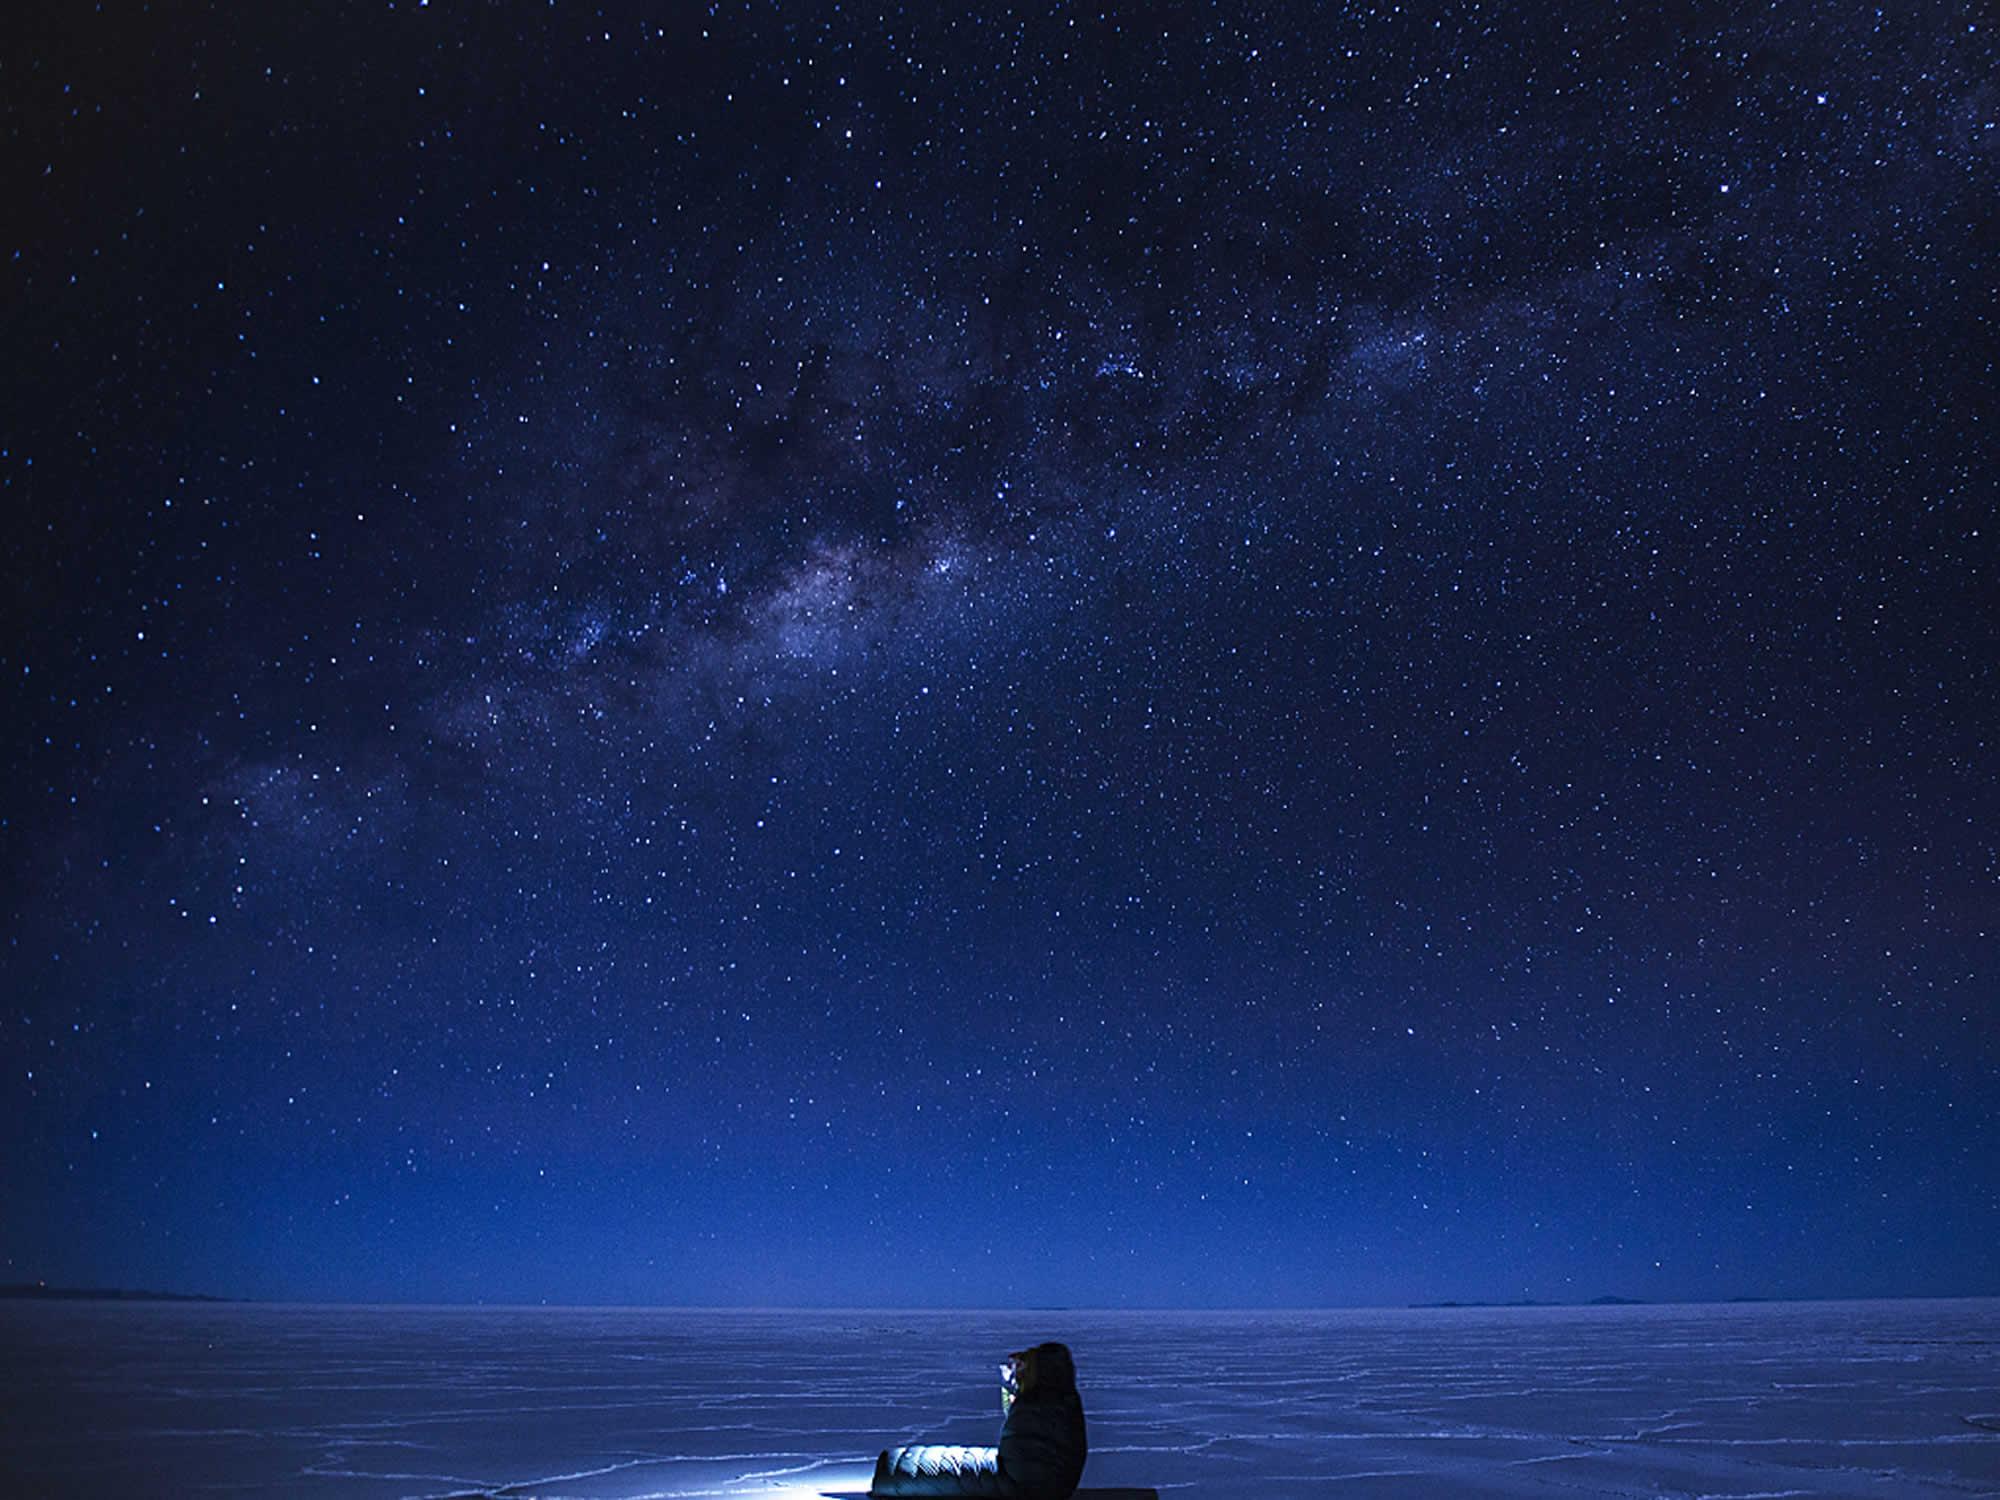 Salar de Uyuni stars at night